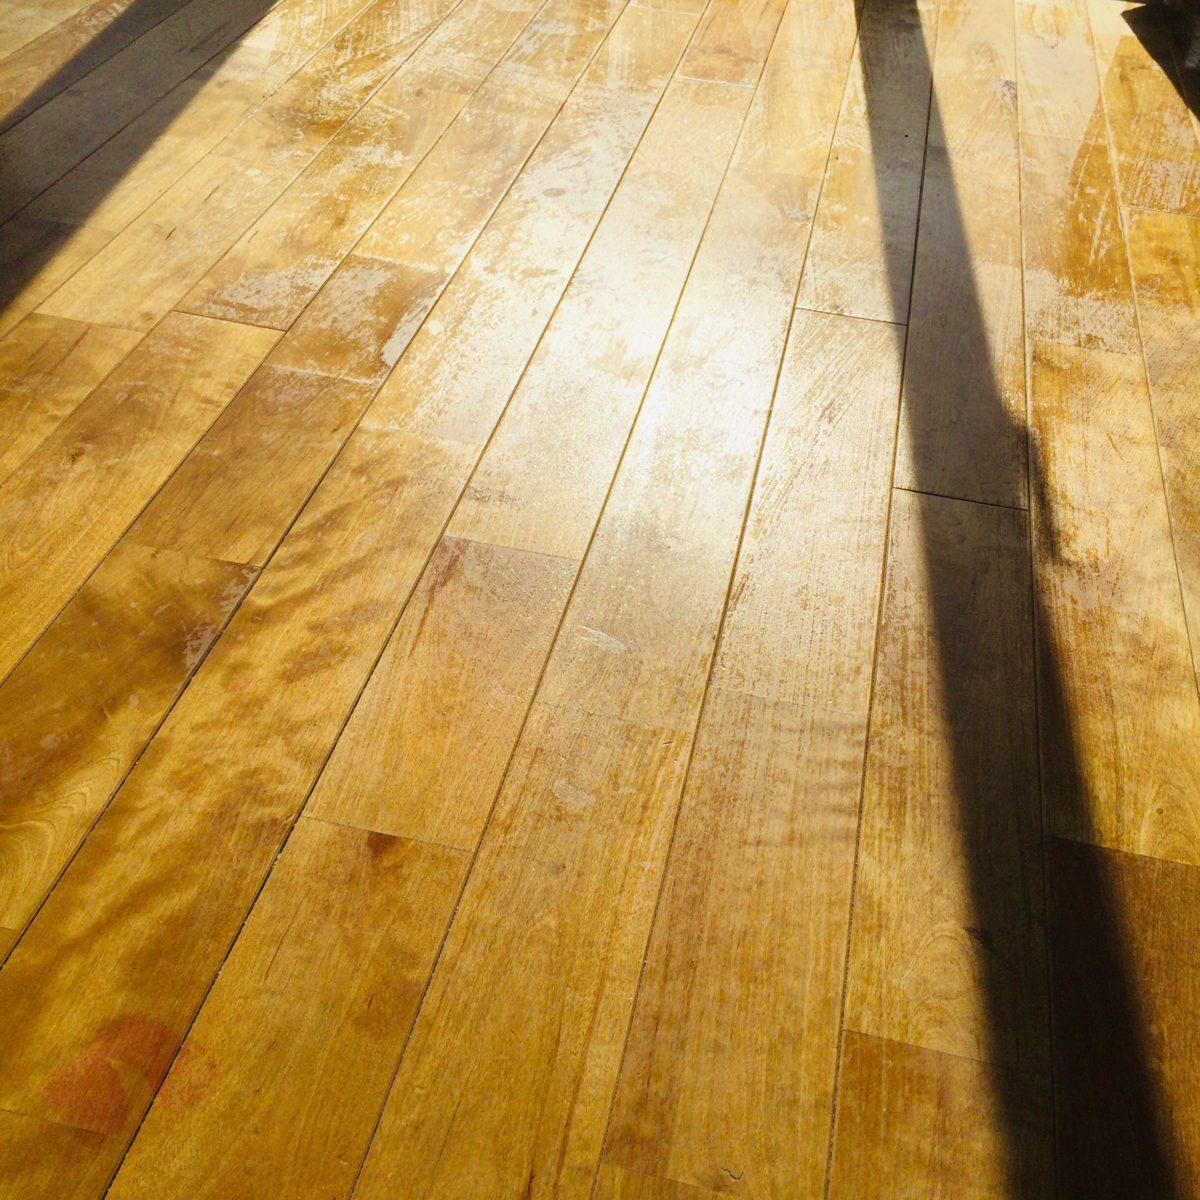 AURO社のワックスがけ後の床